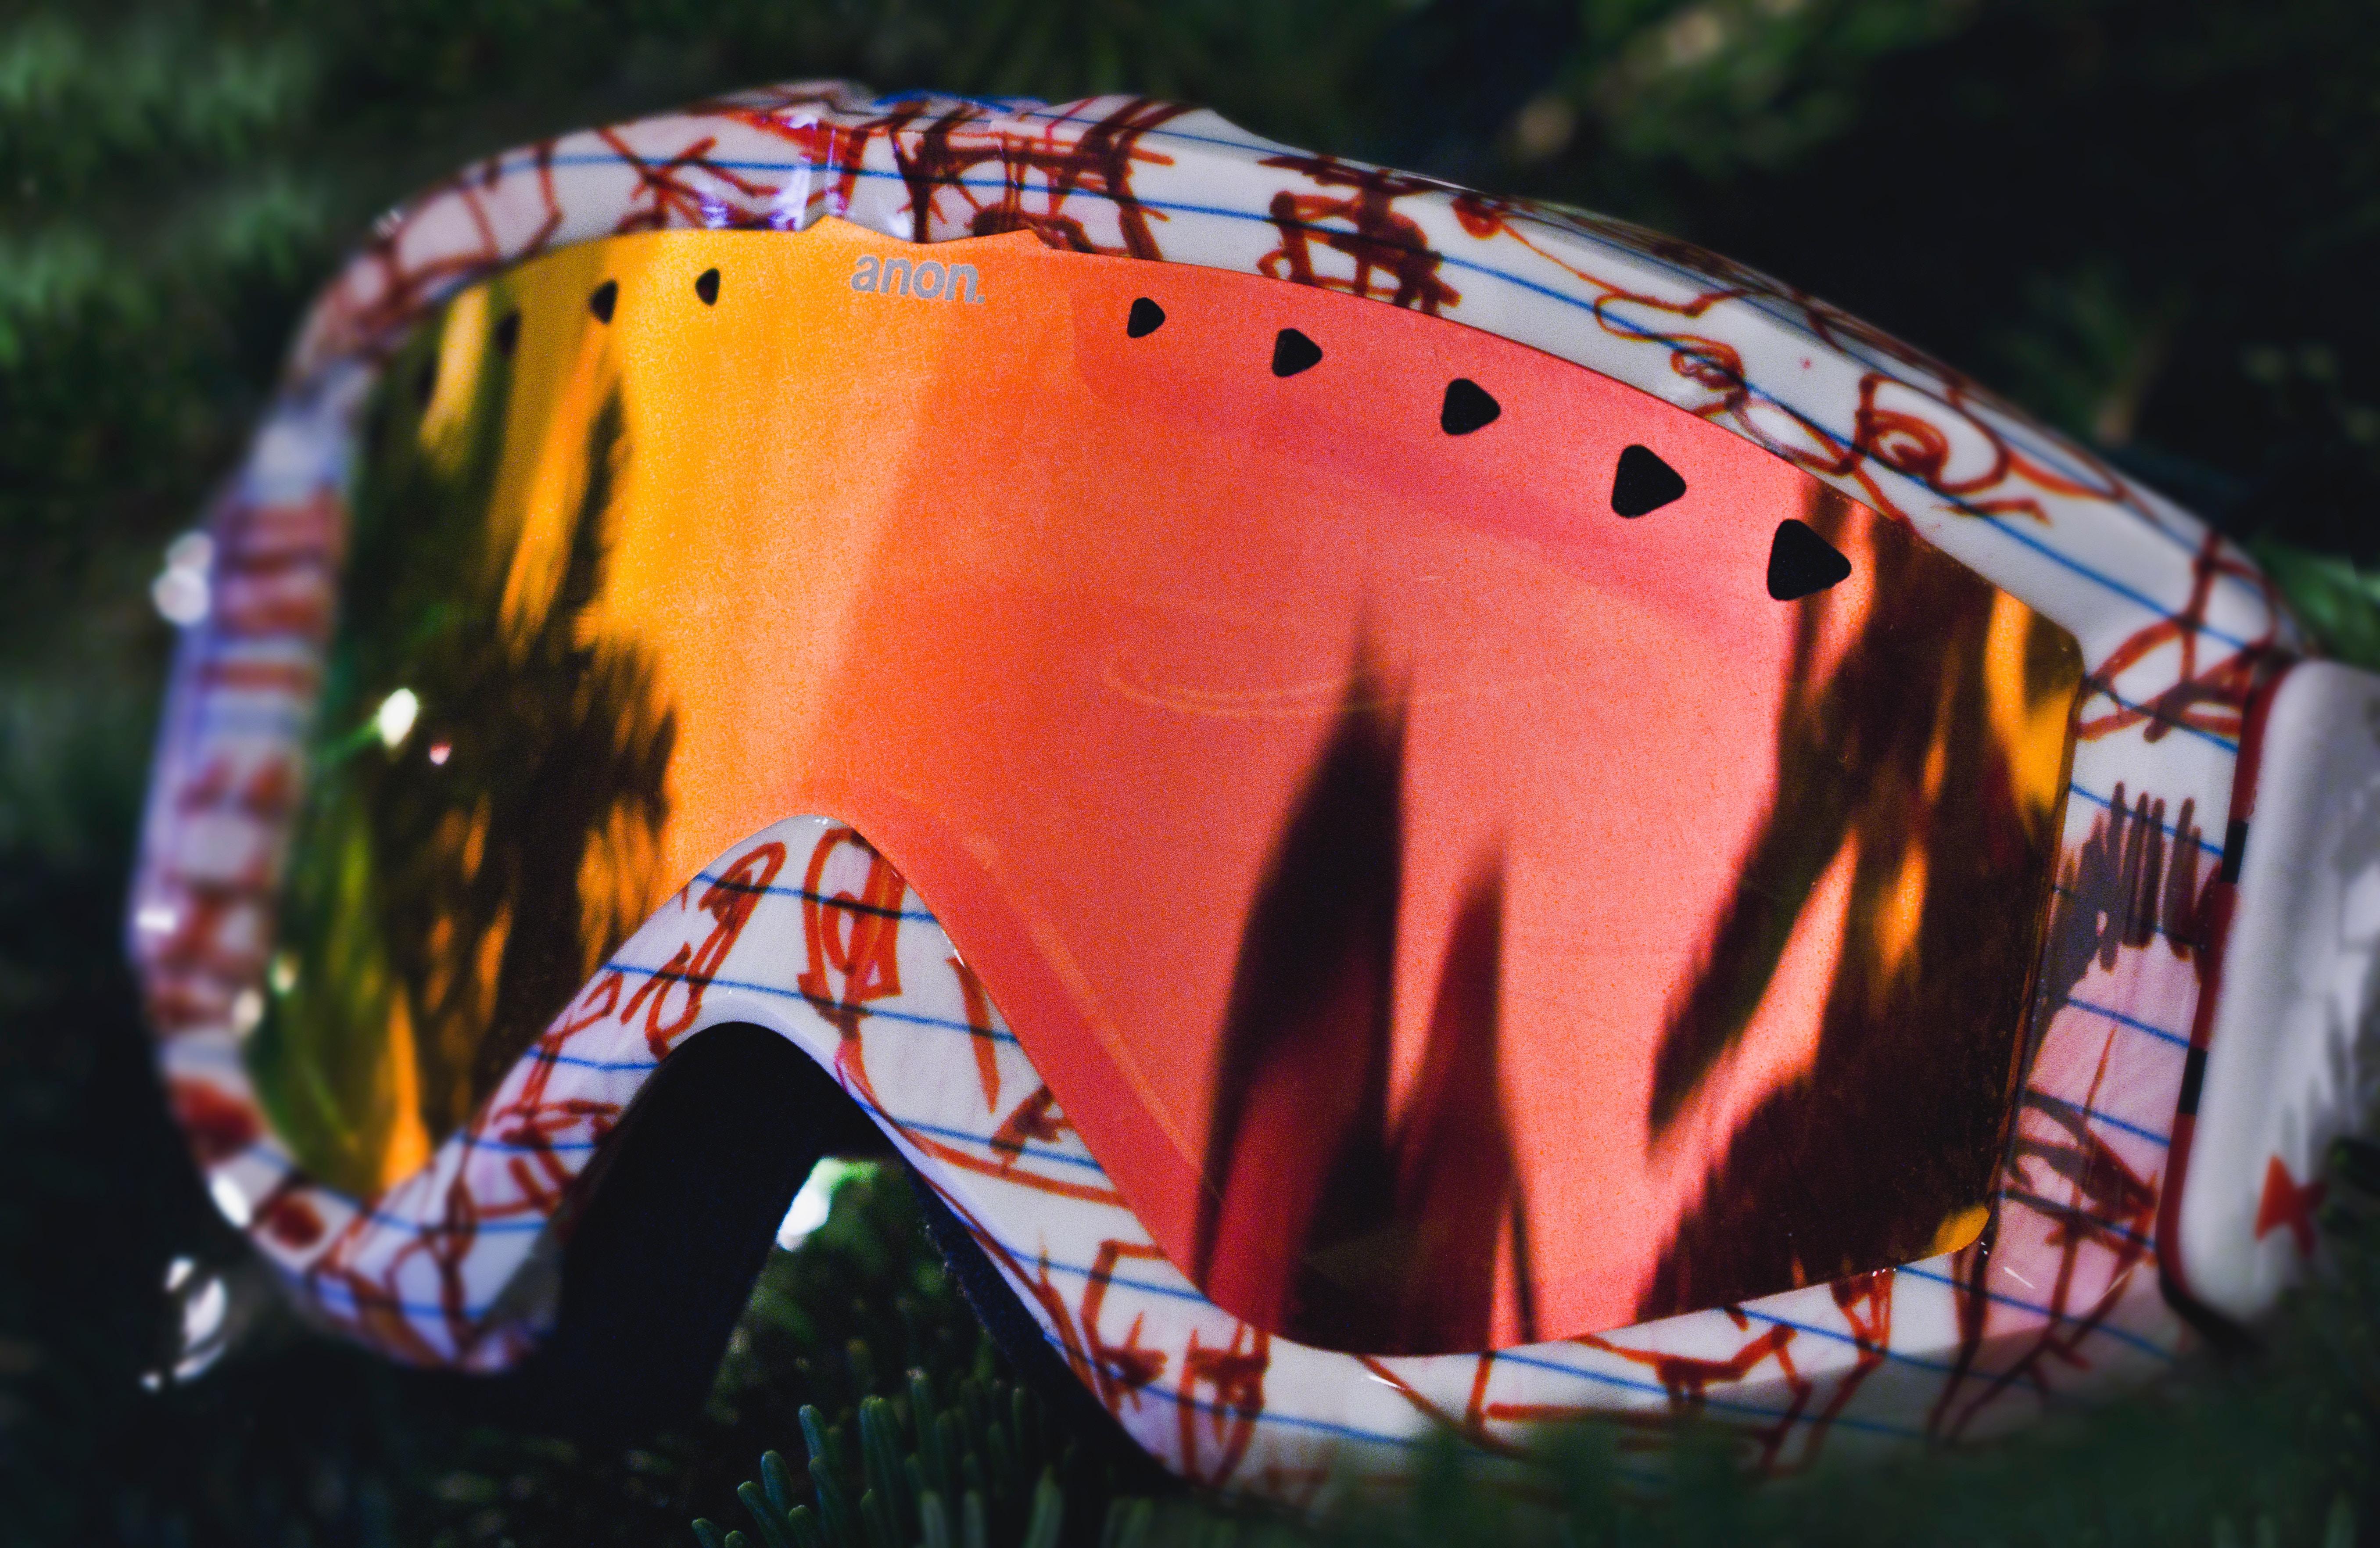 Ski Ausrüstung rostfrei Korrosionsschutz SurfaceShield WD40 Alternative